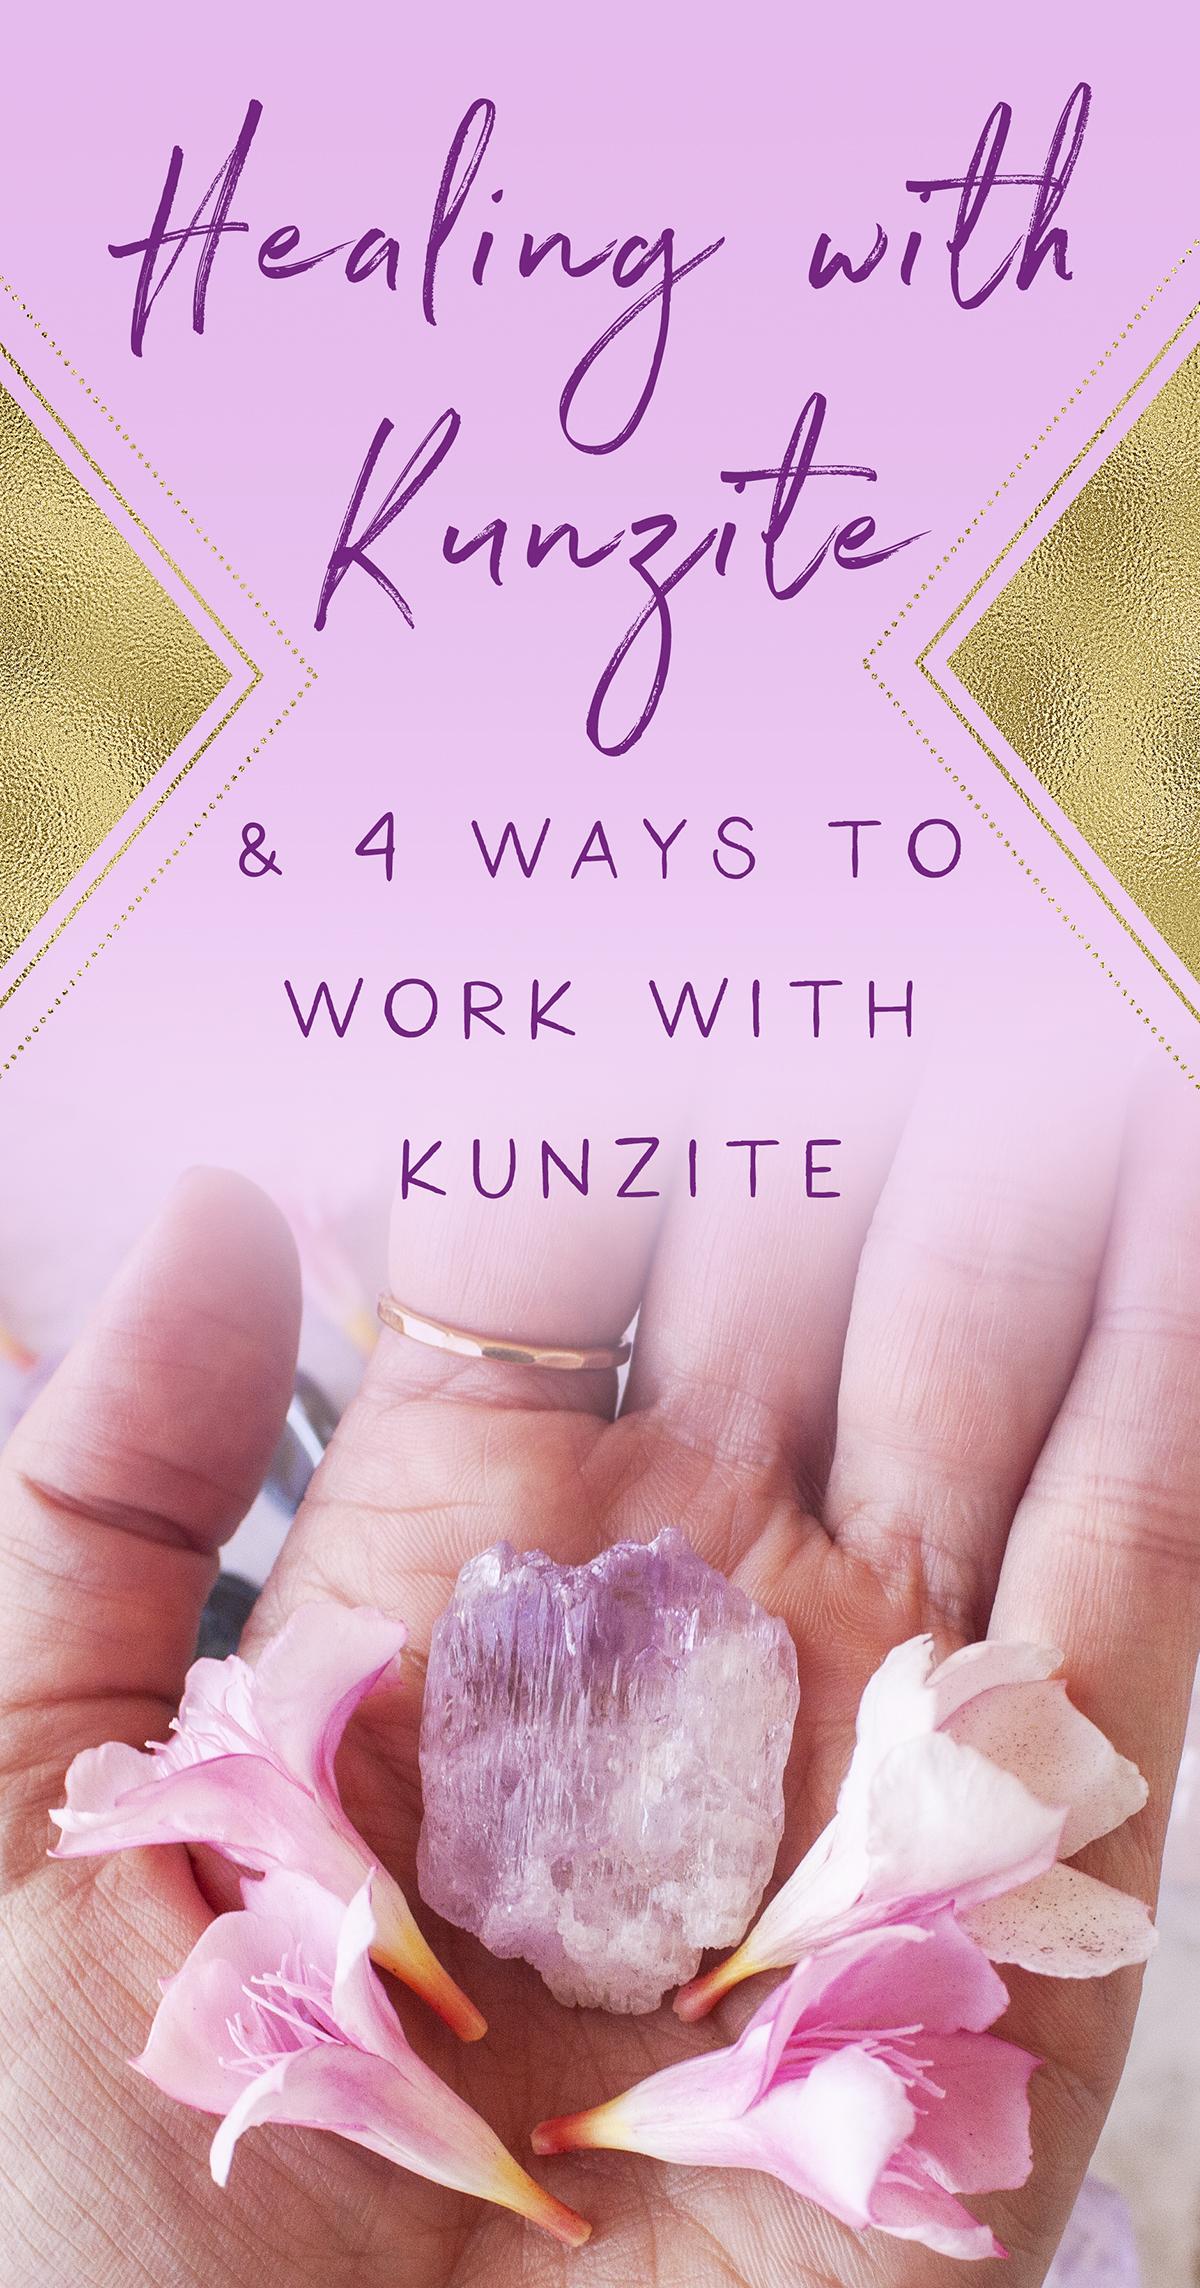 healing-with-kuznite-how-to-work-with-kunzite